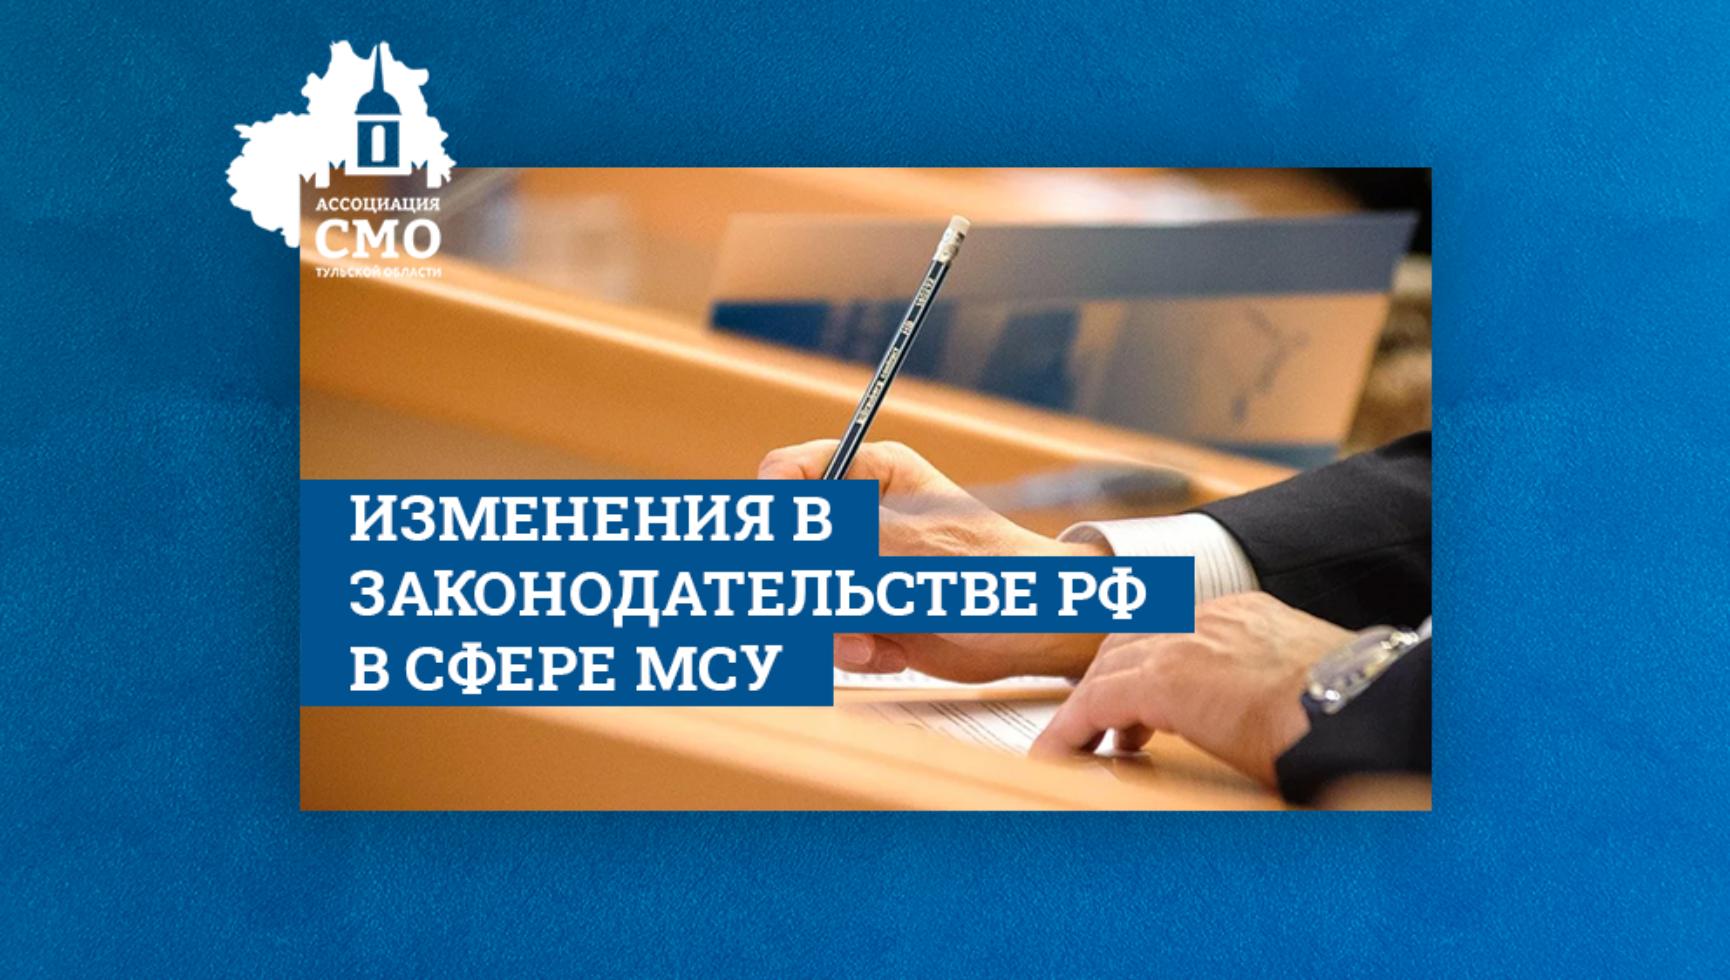 Обзор изменений законодательства РФ  (в сфере местного самоуправления) в период с 31.03.2021 по 05.04.2021